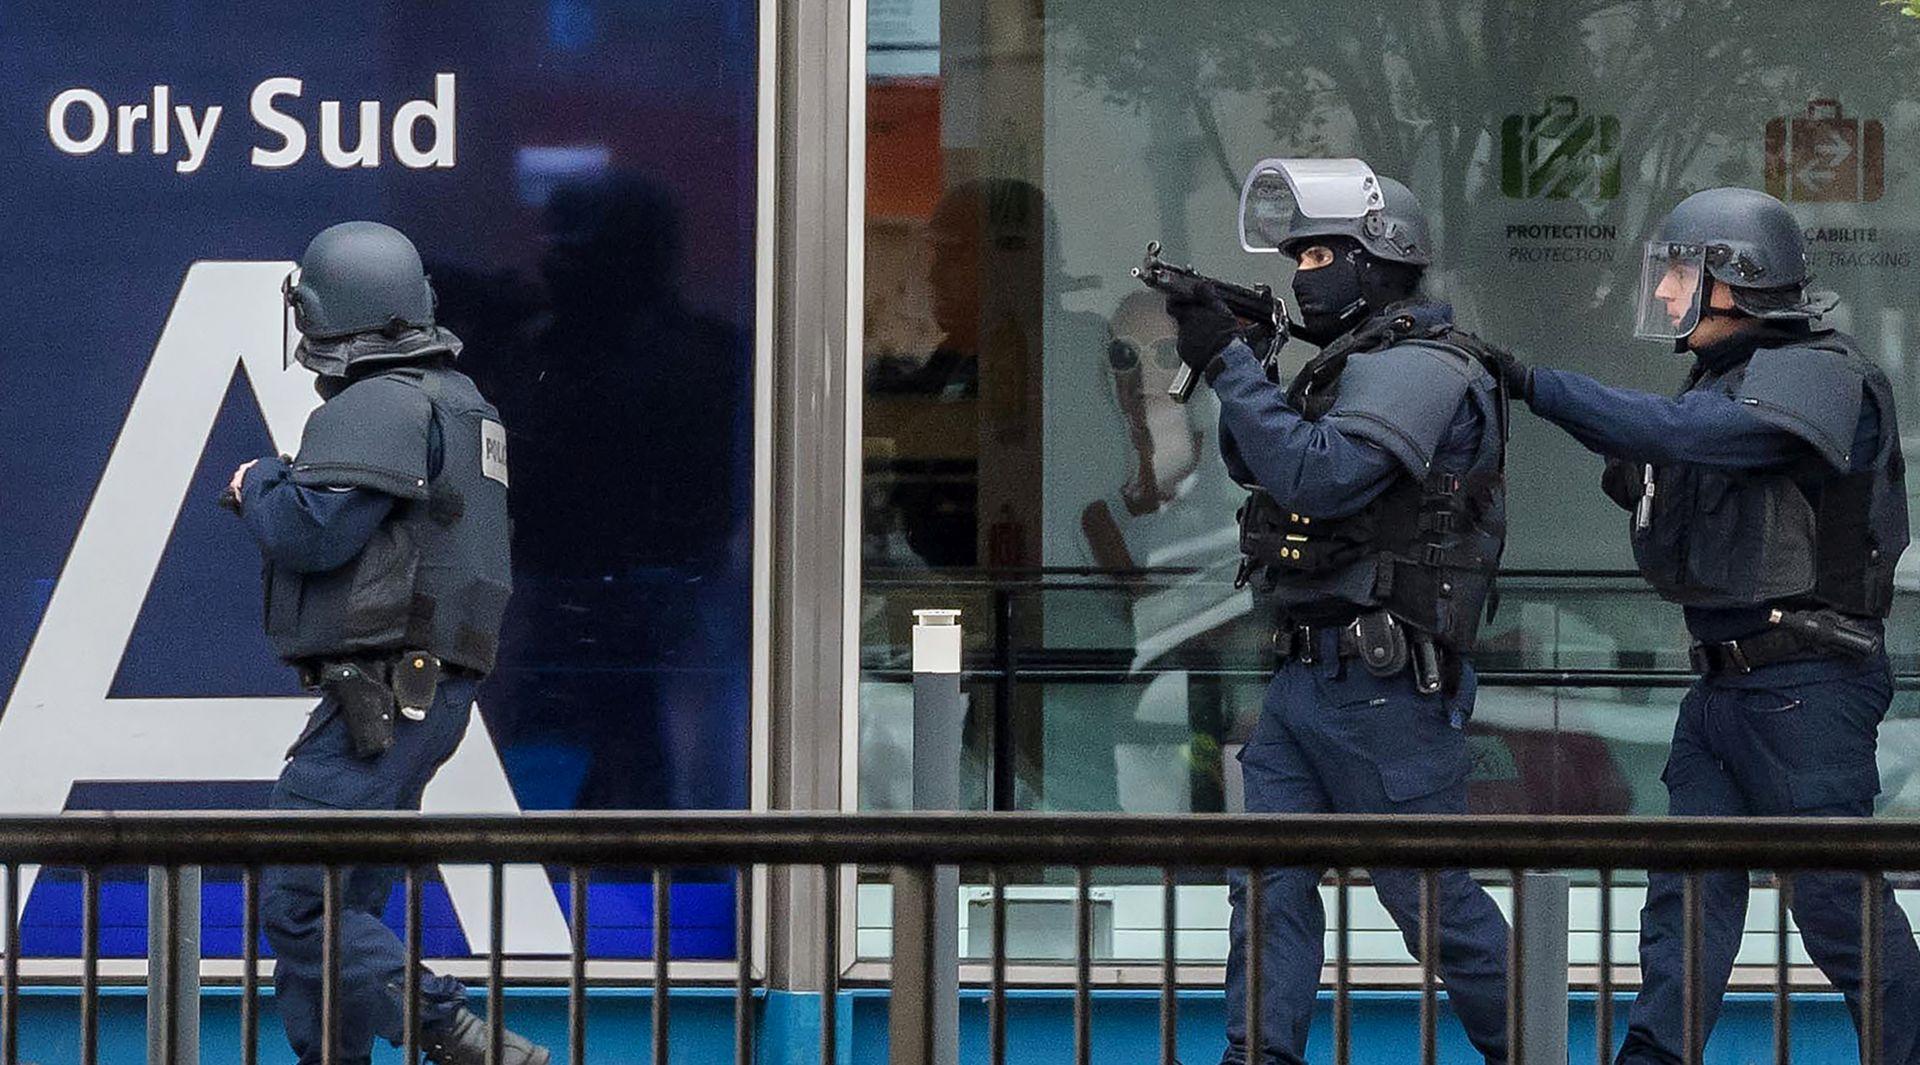 PUCNJAVA U ZRAČNOJ LUCI: Radikalizirani musliman ustrijeljen na Orlyiju, prije toga izveo napad na sjeveru Pariza